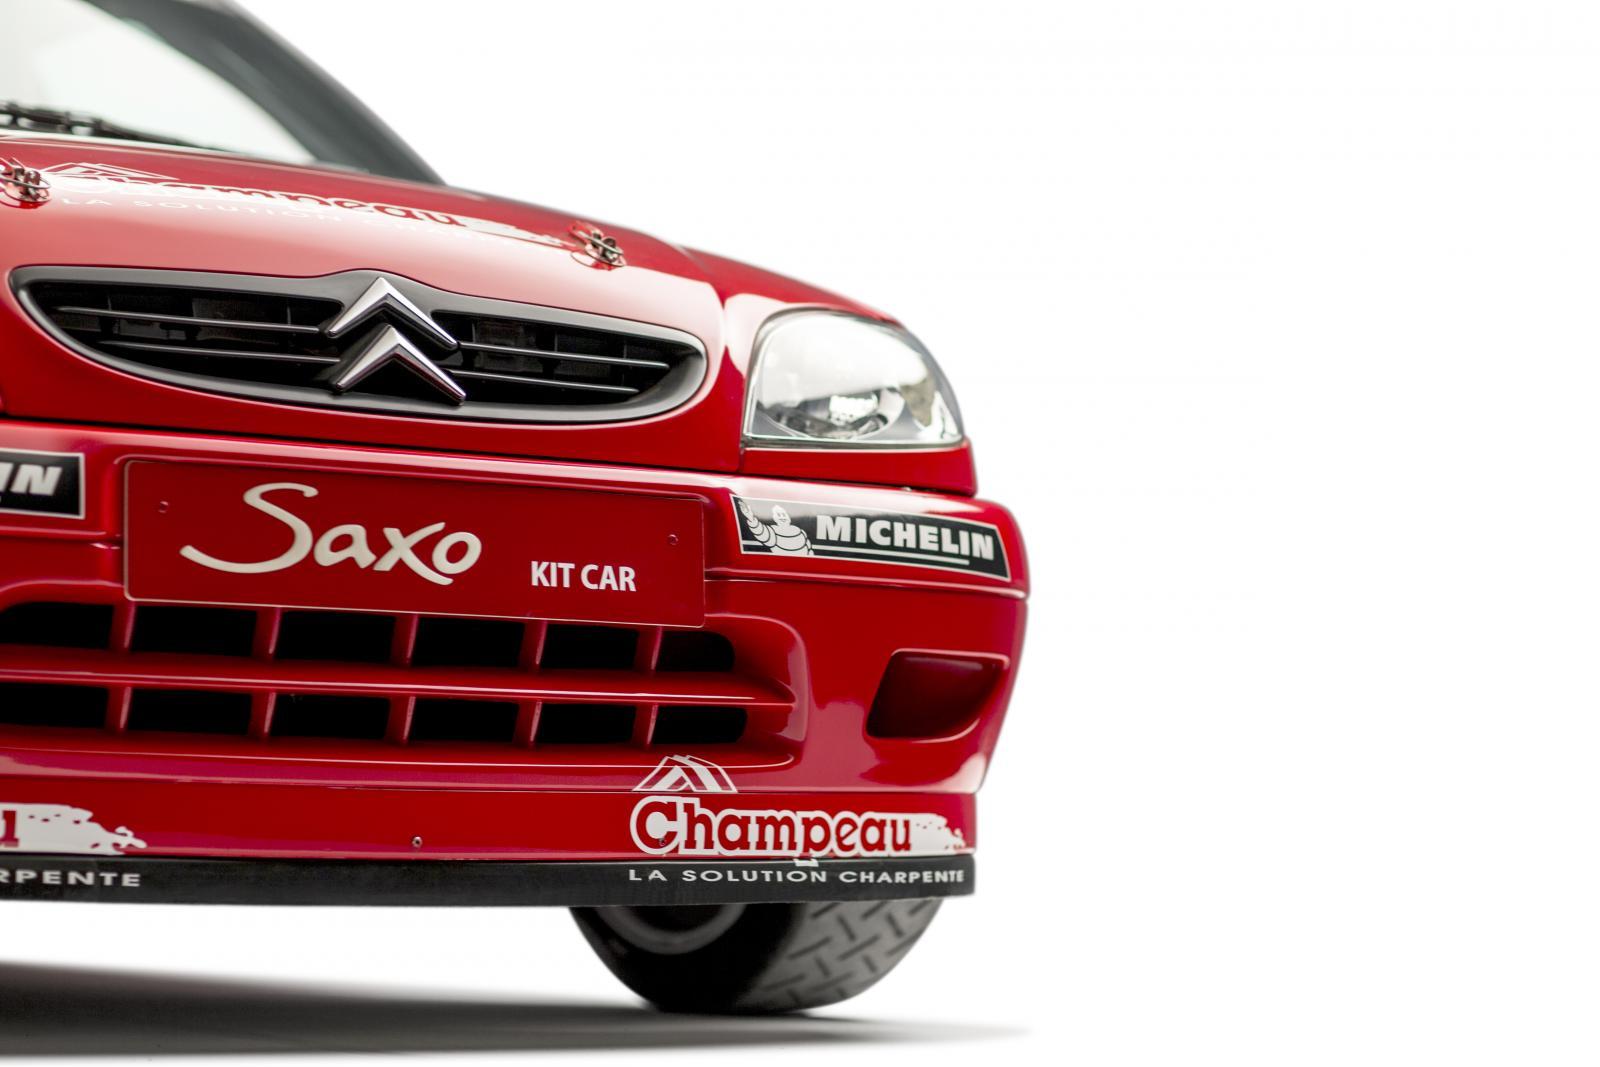 SAXO SUPER 1600